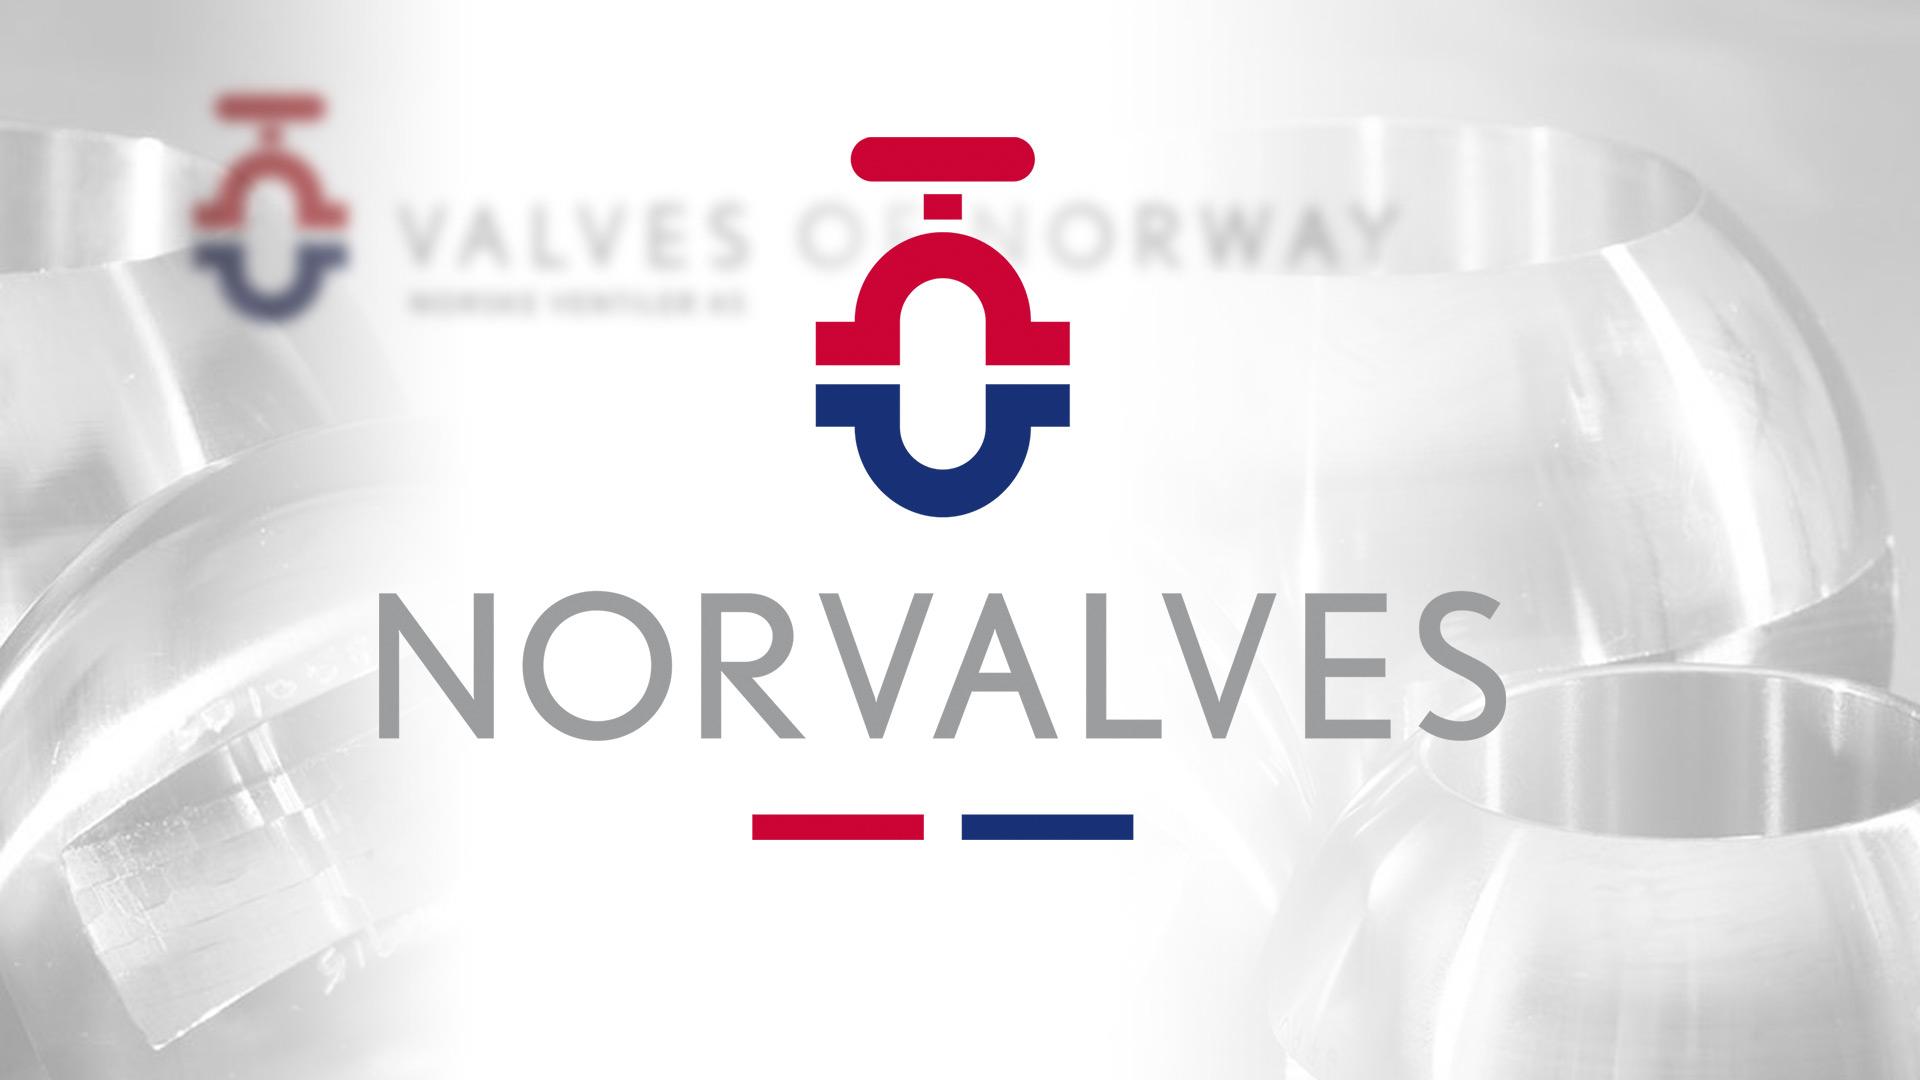 Norvalves_logo_reveal_v2